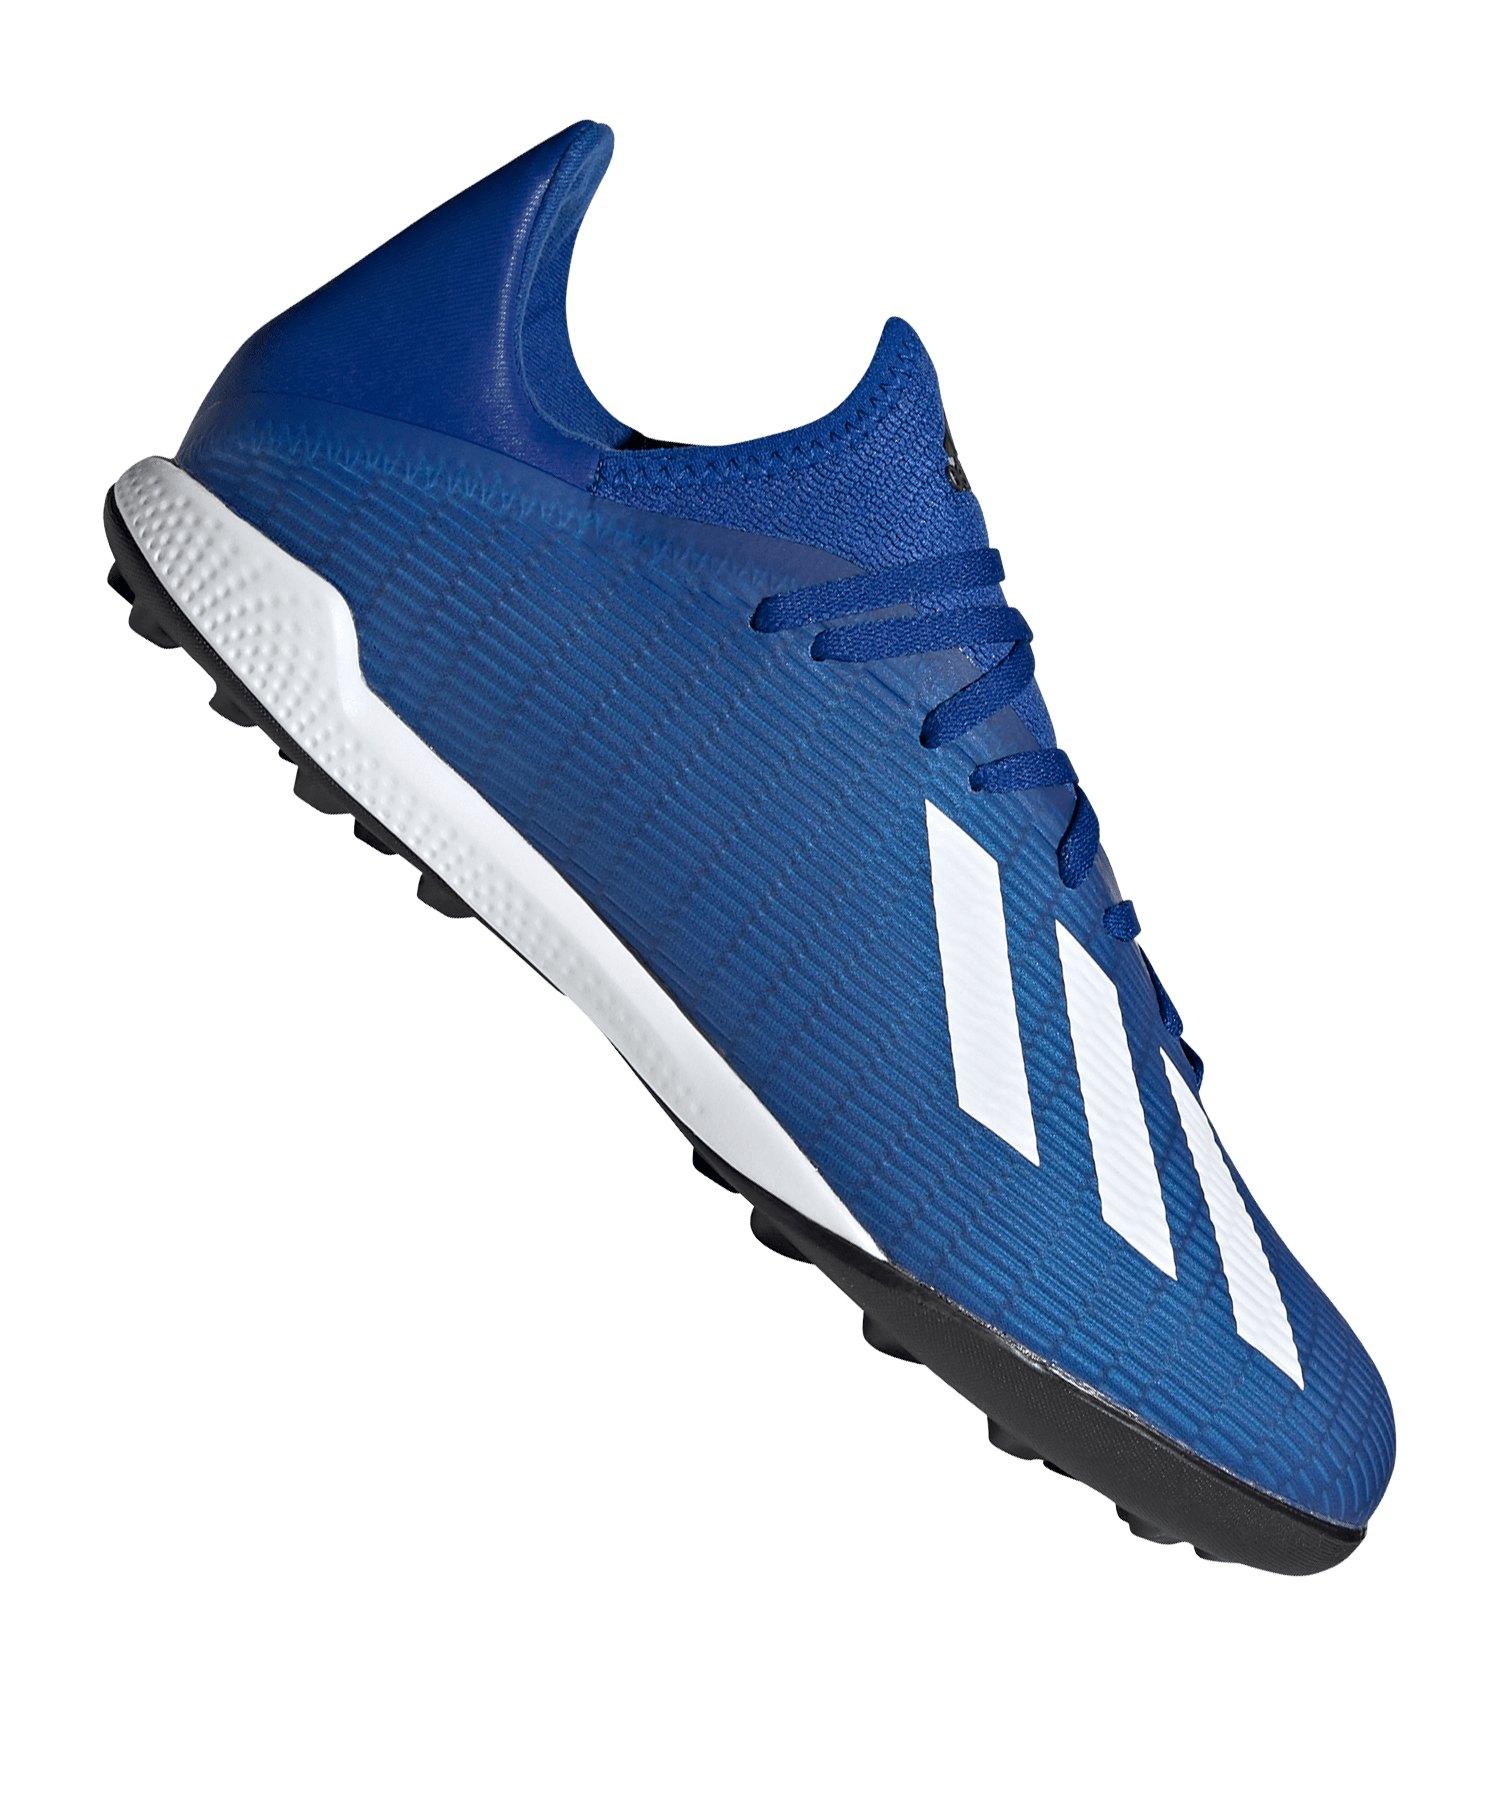 adidas X 19.3 TF Blau Weiss Schwarz - blau